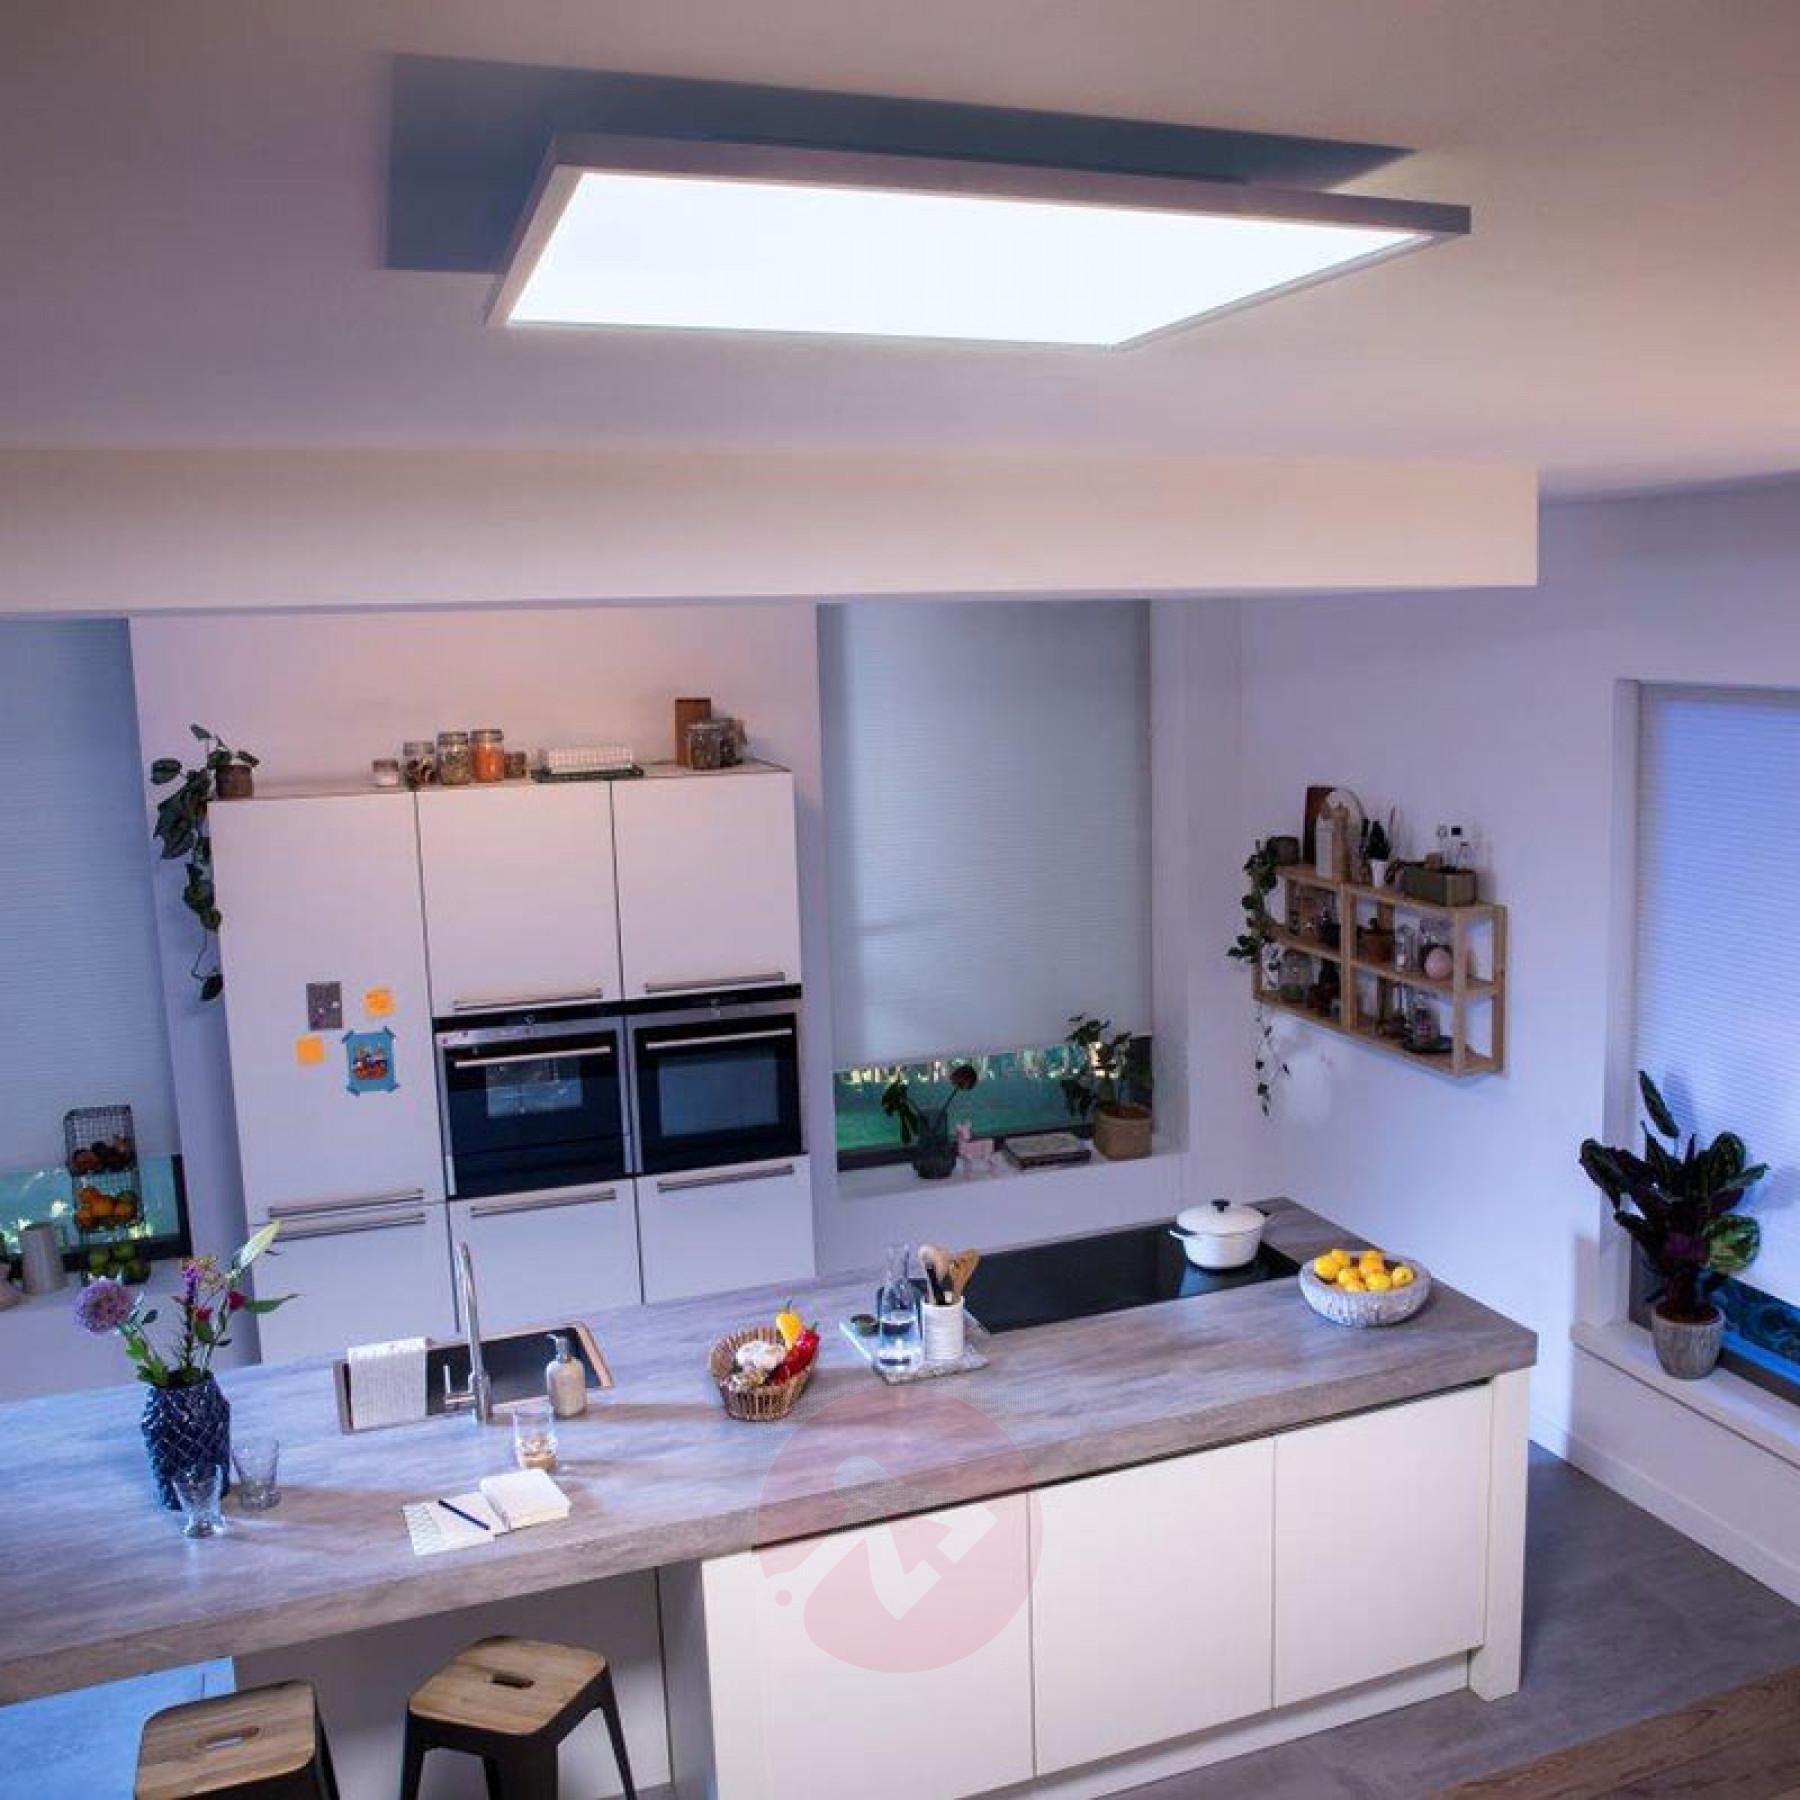 Full Size of Led Panel Küchenrückwand Beleuchtung Küche Led Panel Led Panel Für Küche Led Panel Küchenschrank Küche Led Panel Küche